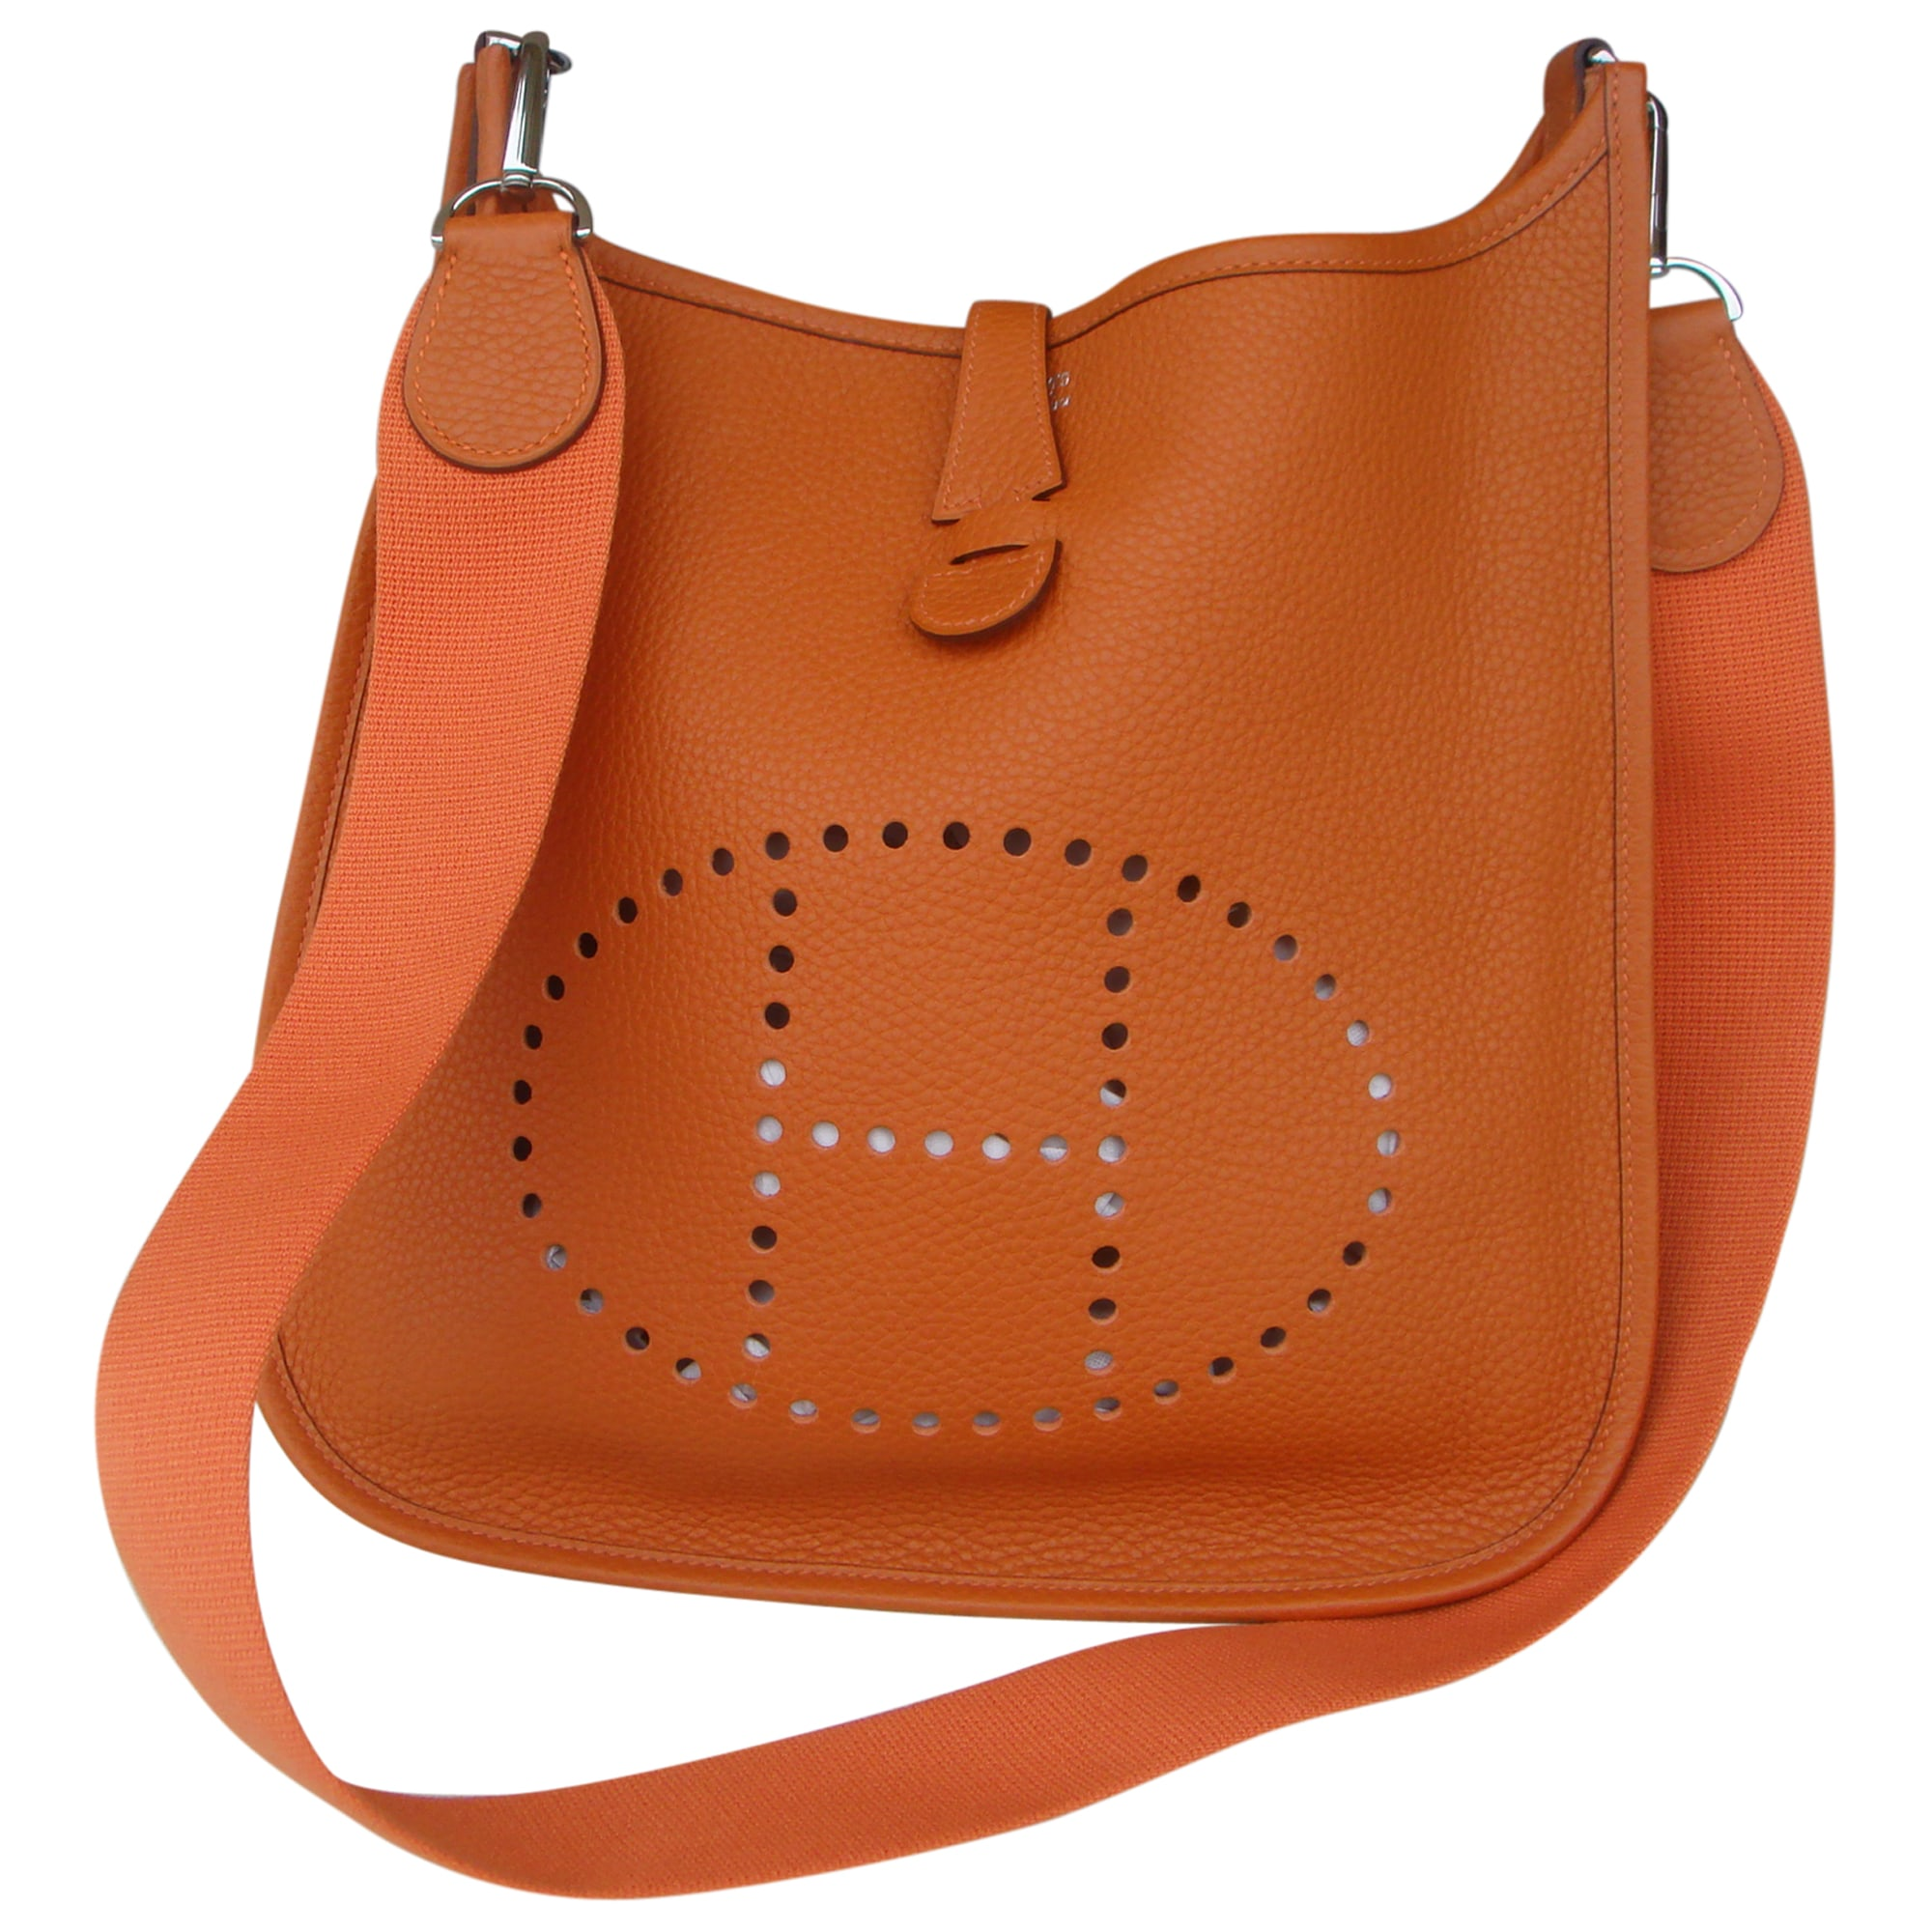 41c465b683 Sac en bandoulière en cuir HERMÈS evelyne orange vendu par Le vide ...